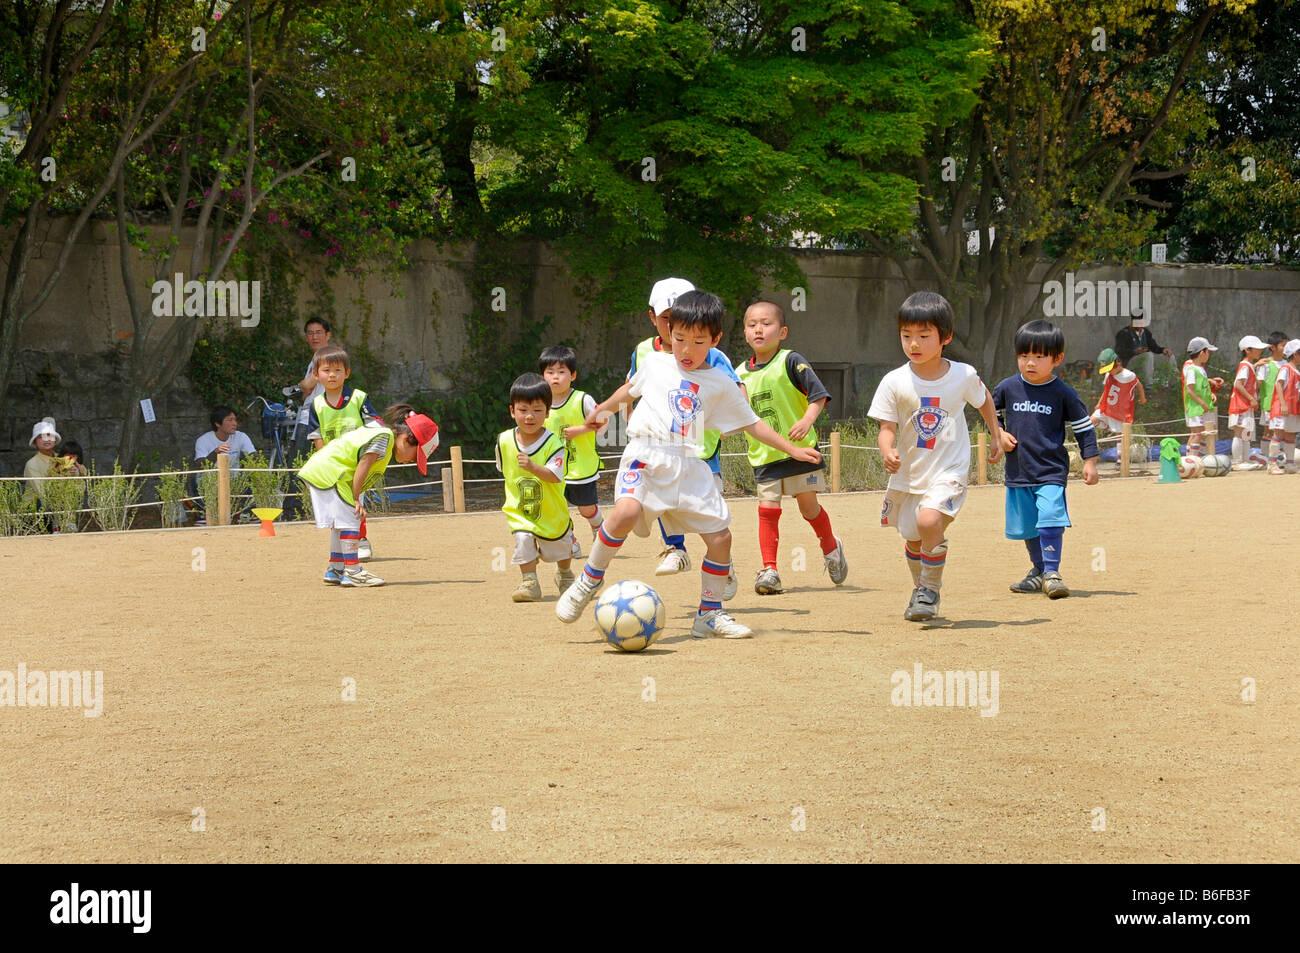 Los Niños En La Práctica De Fútbol Con Un Club De Fútbol En